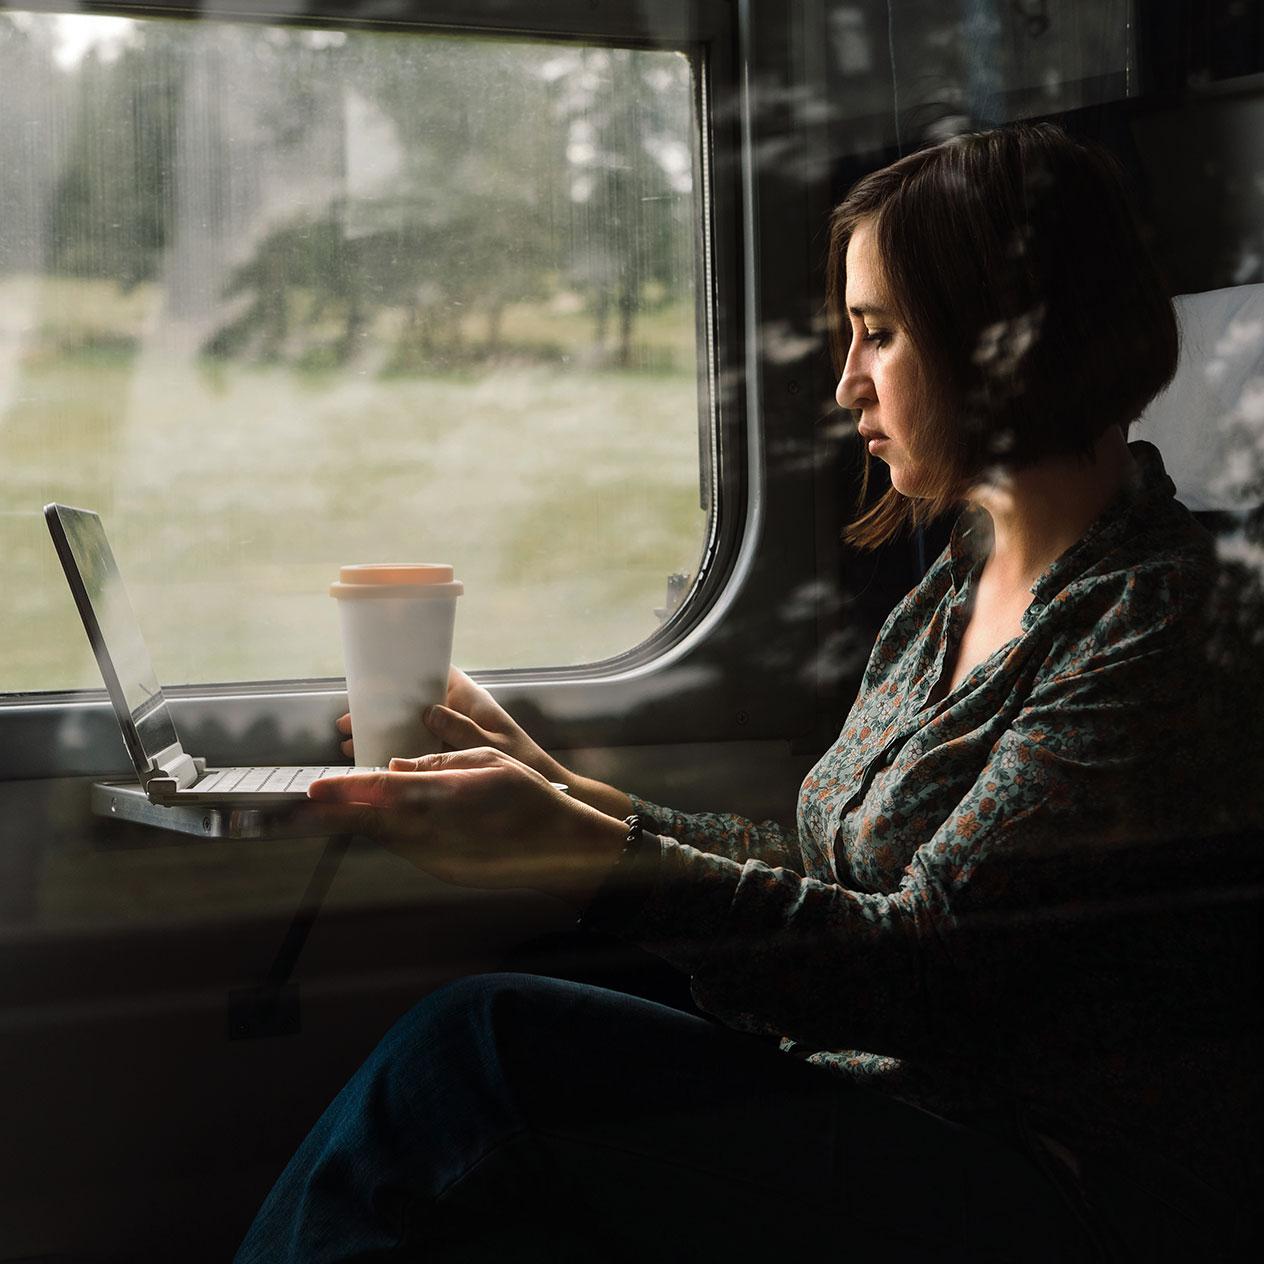 femme dans le train avec pc